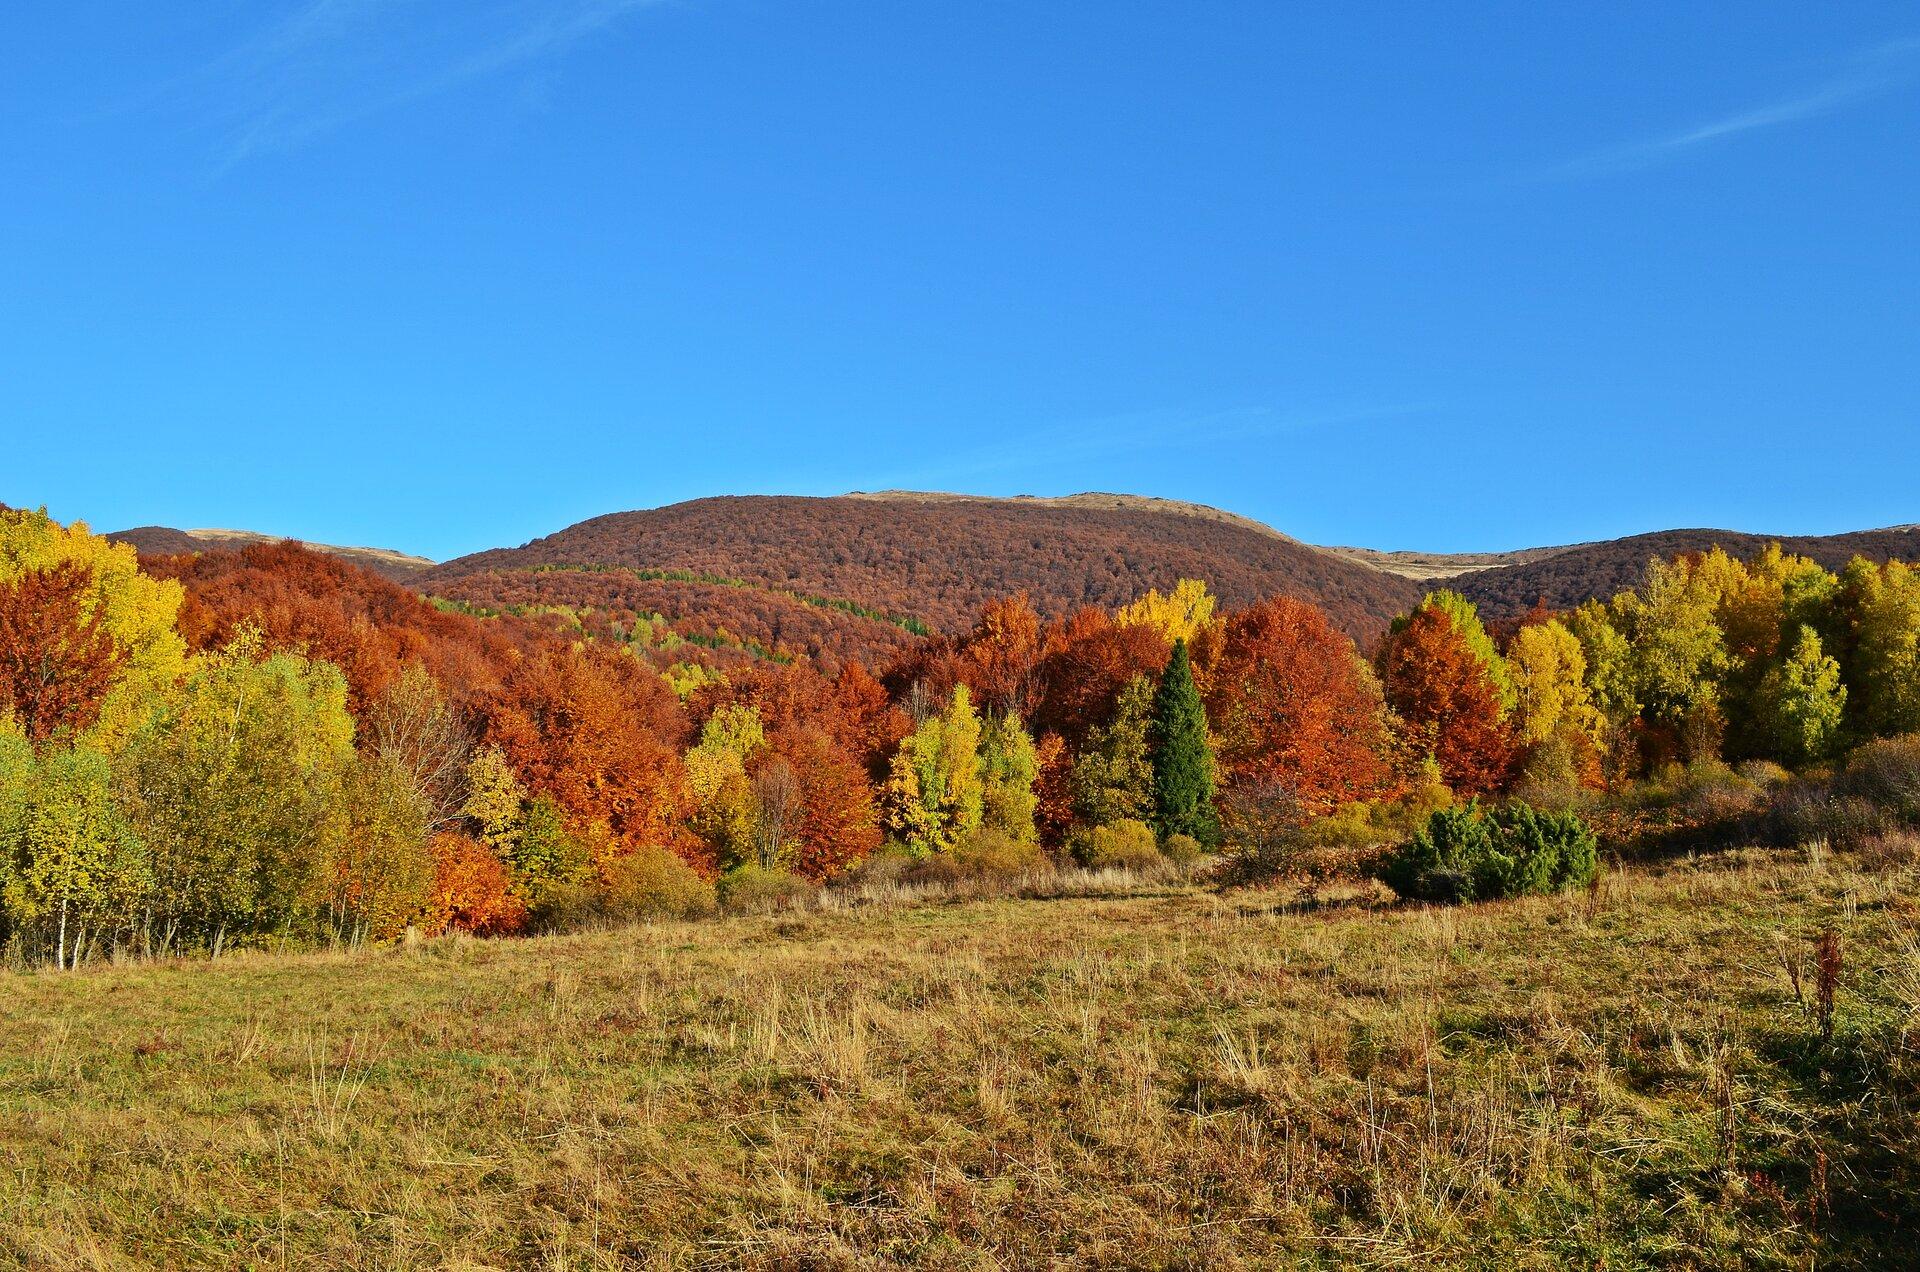 Fotografia przedstawia krajobraz klimatu umiarkowanego jesienią. Na pierwszym planie widać polanę pokrytą żółtą, wyschniętą trawą. Dalej rosną drzewa oliściach żółtych, czerwonych, brązowych izielonych. Wtle widać góry ołagodnie pochylonych stokach.